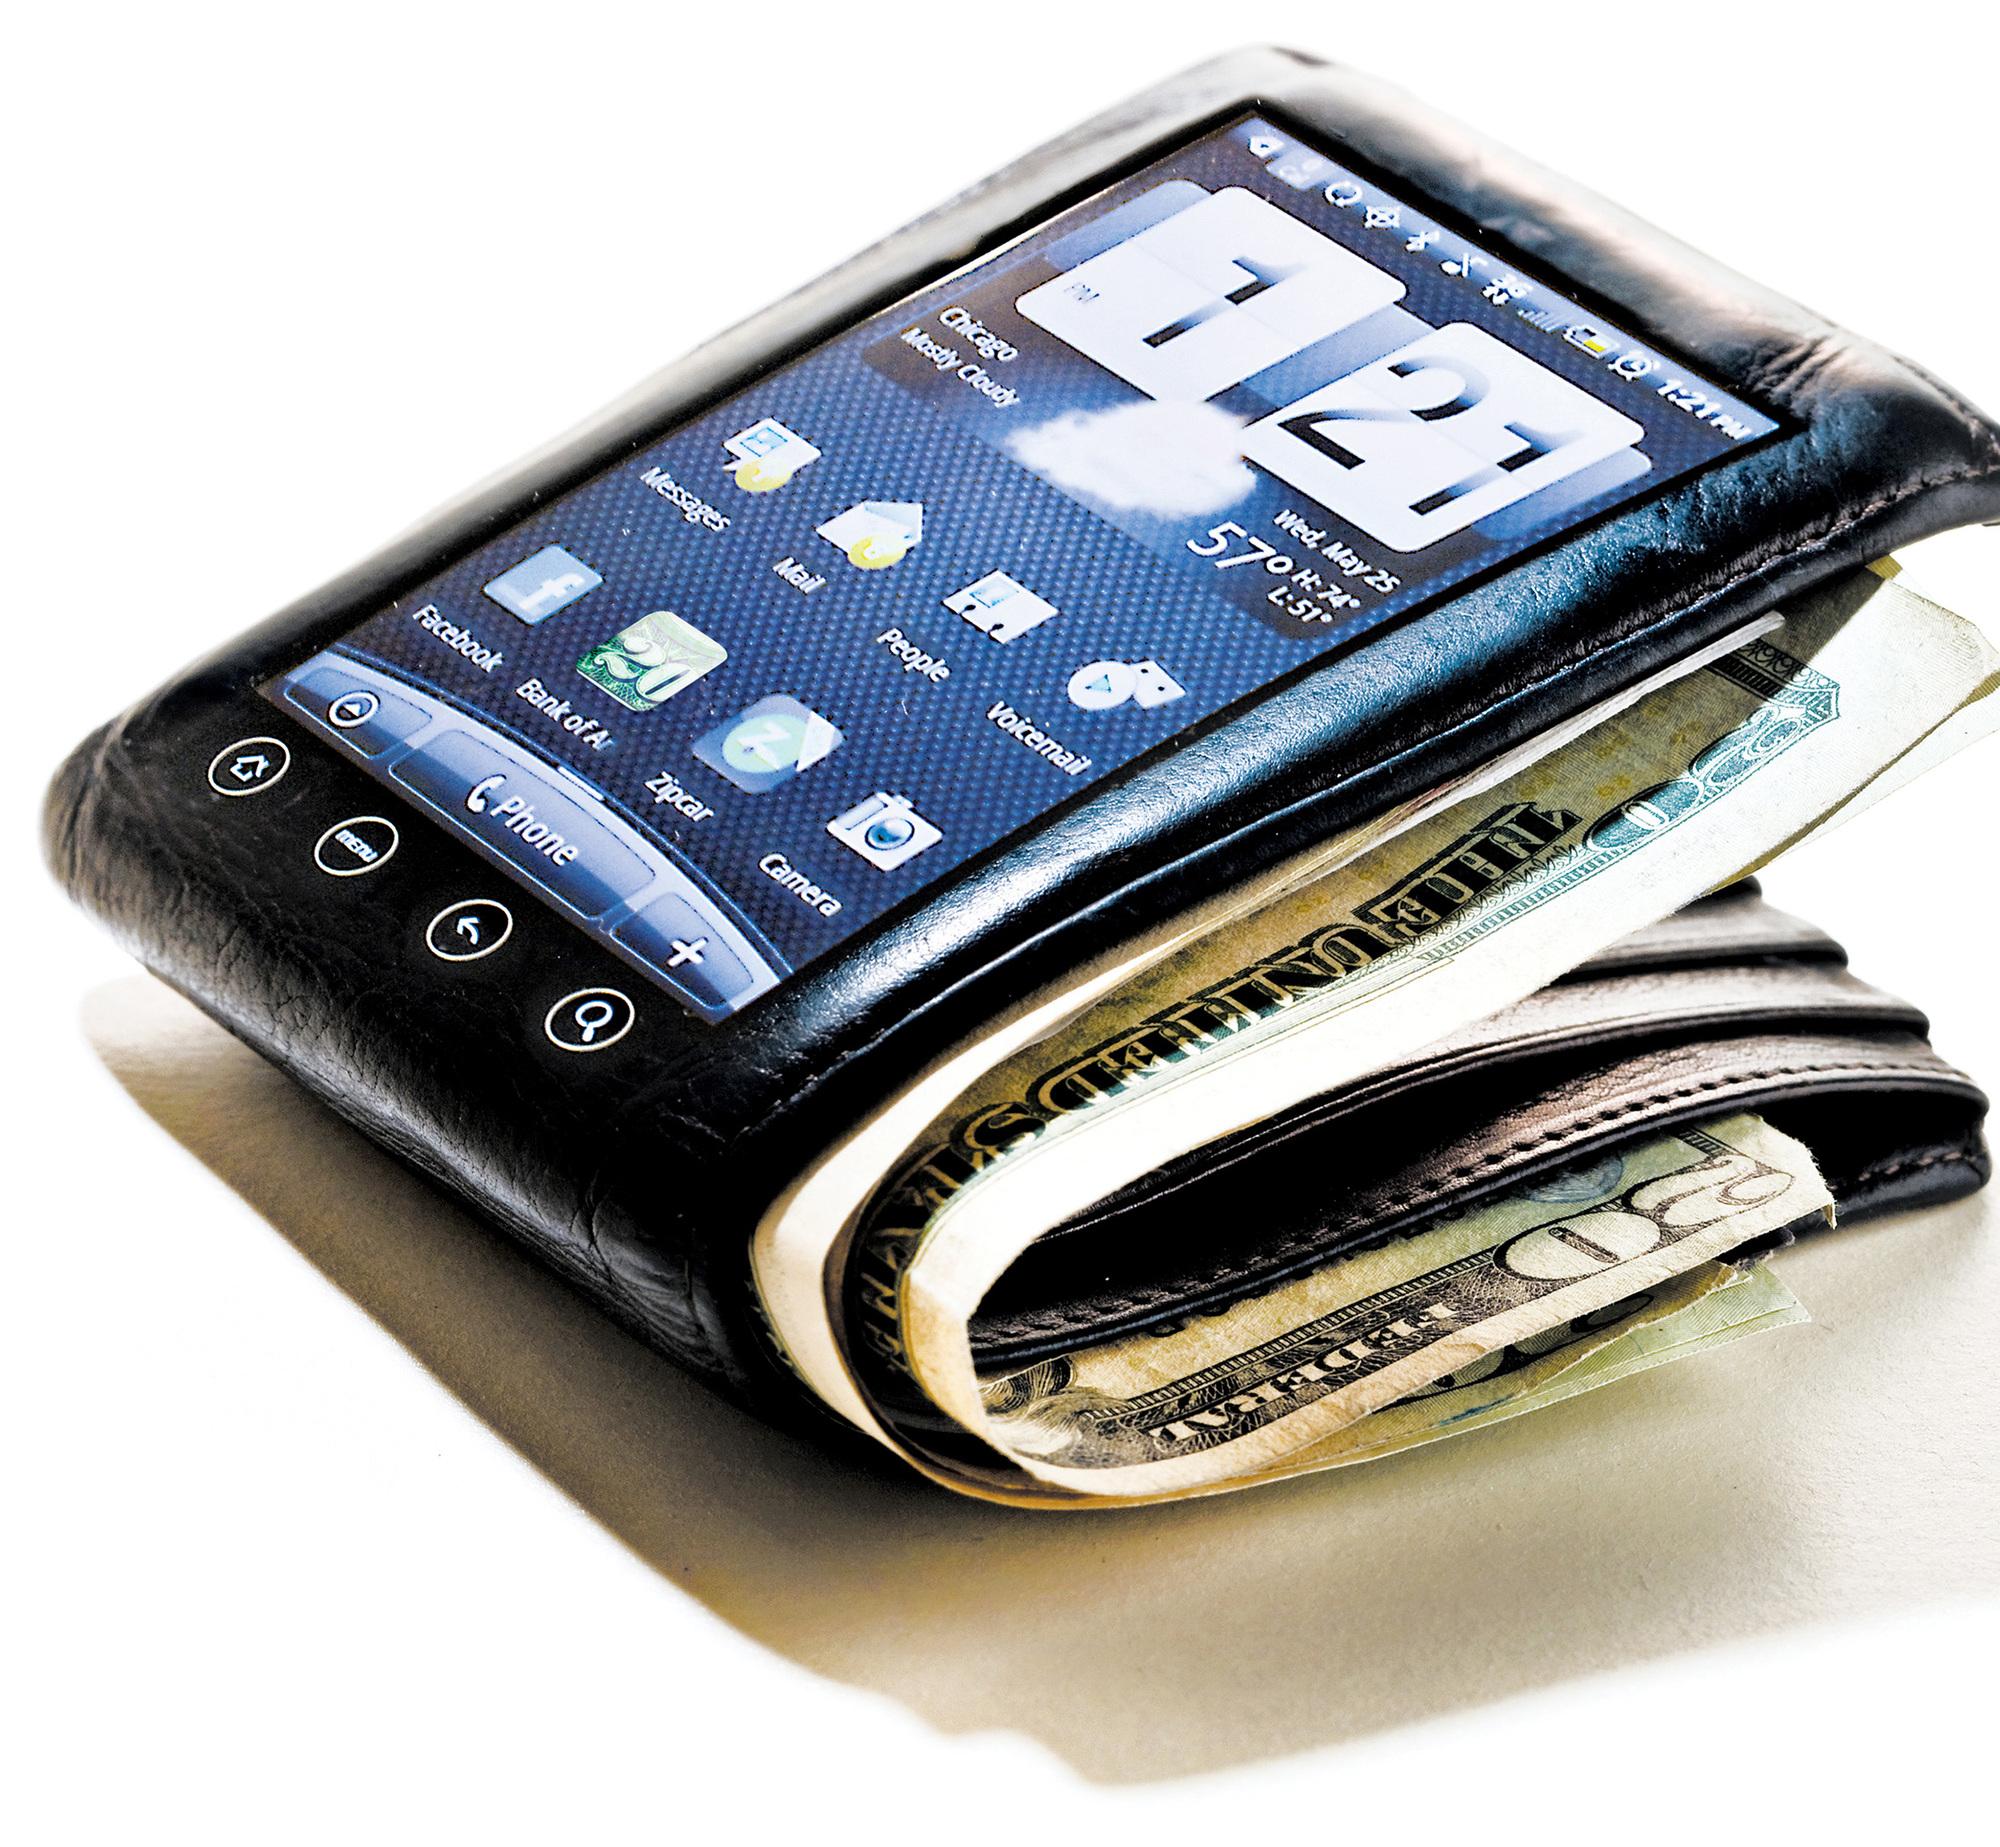 3b9e6c909 Billeteras electrónicas ¿Sirven para algo? - Justicia Colectiva